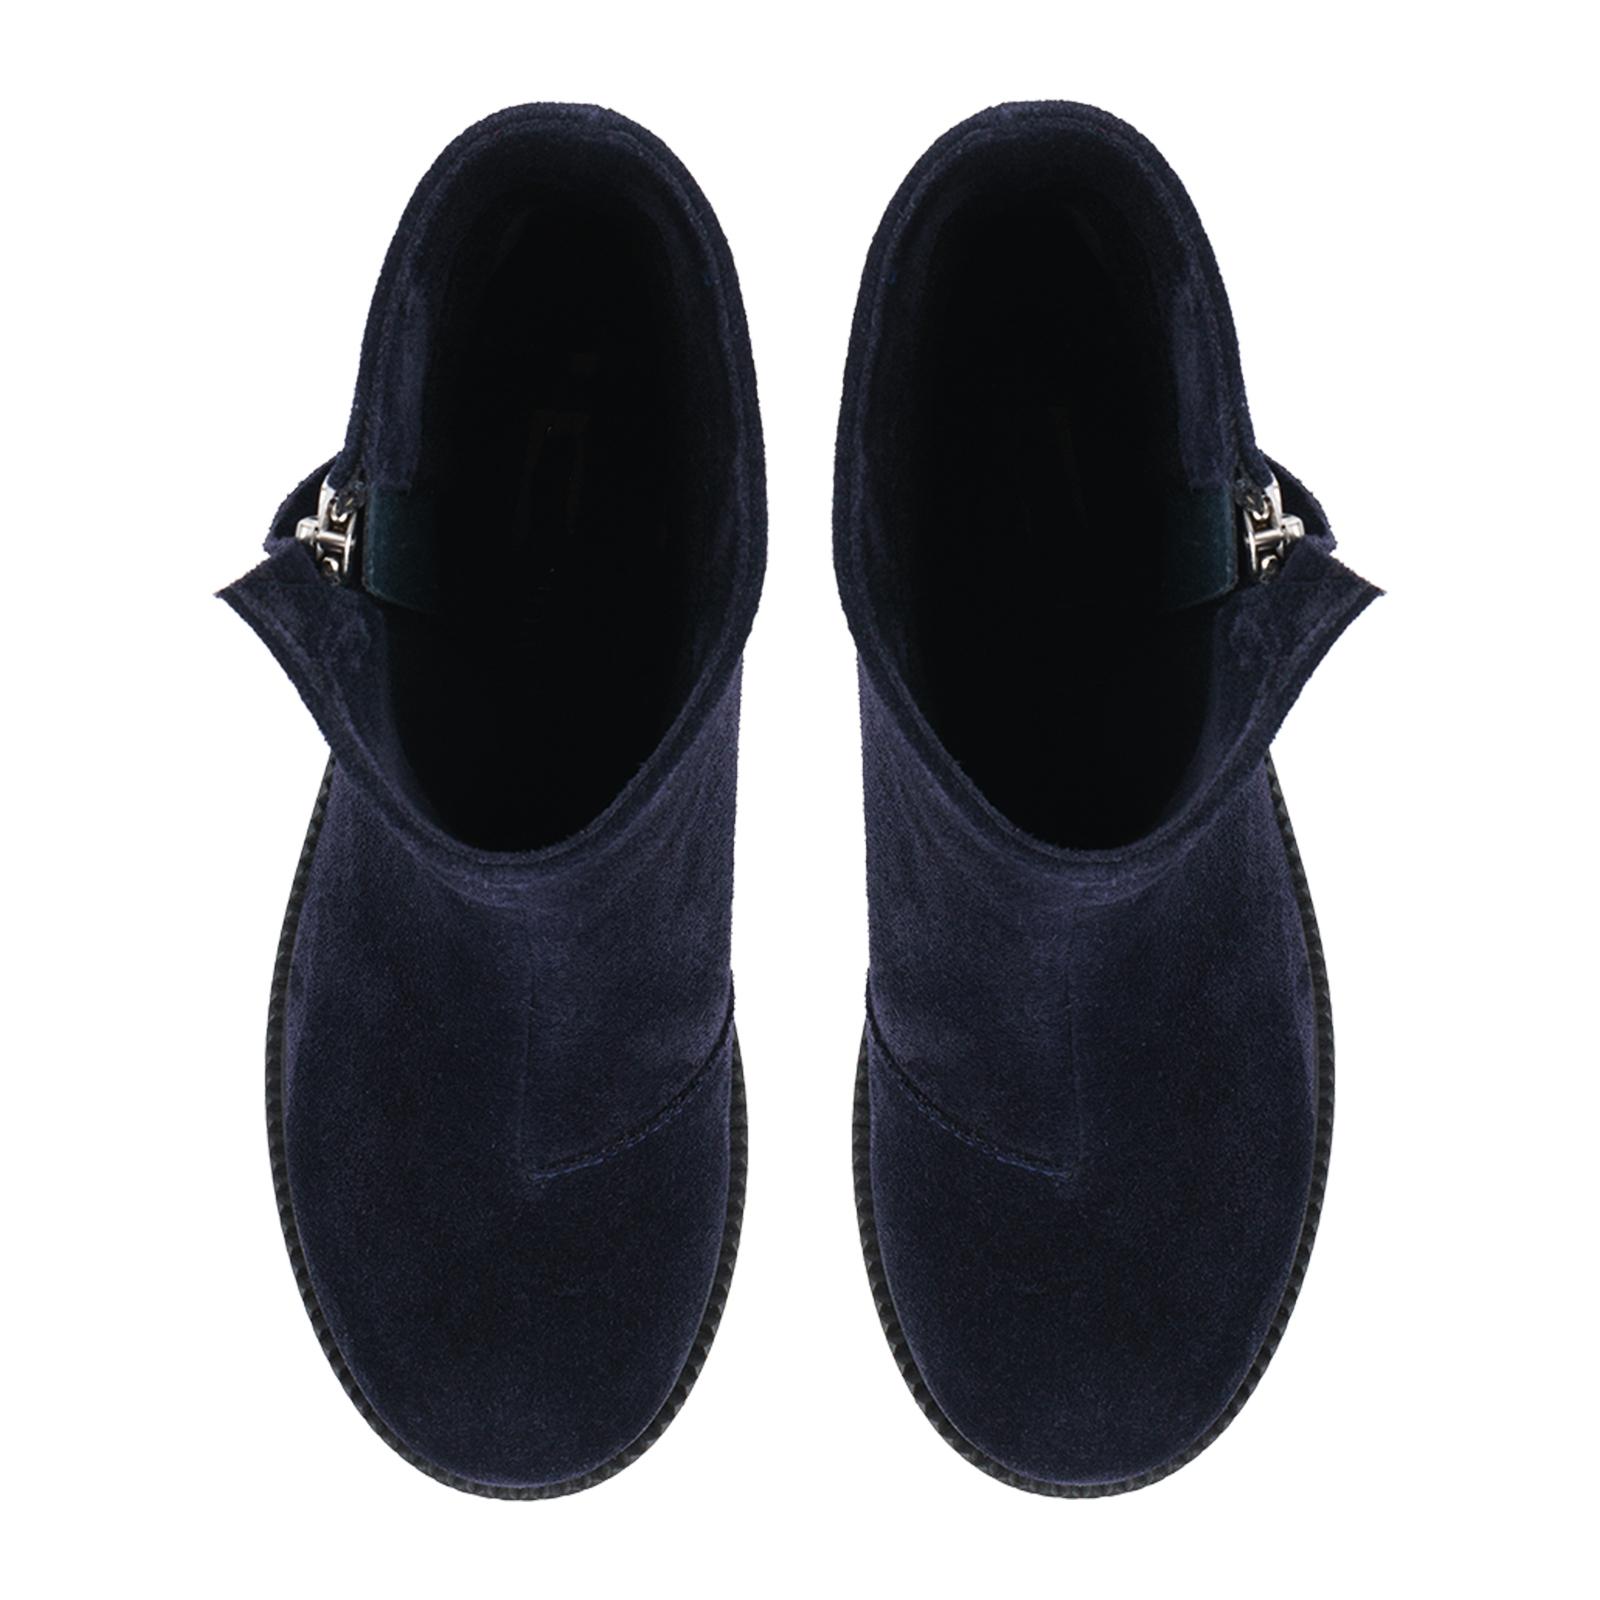 Ботинки женские Ботинки Молния замша синие на байке 100176 выбрать, 2017